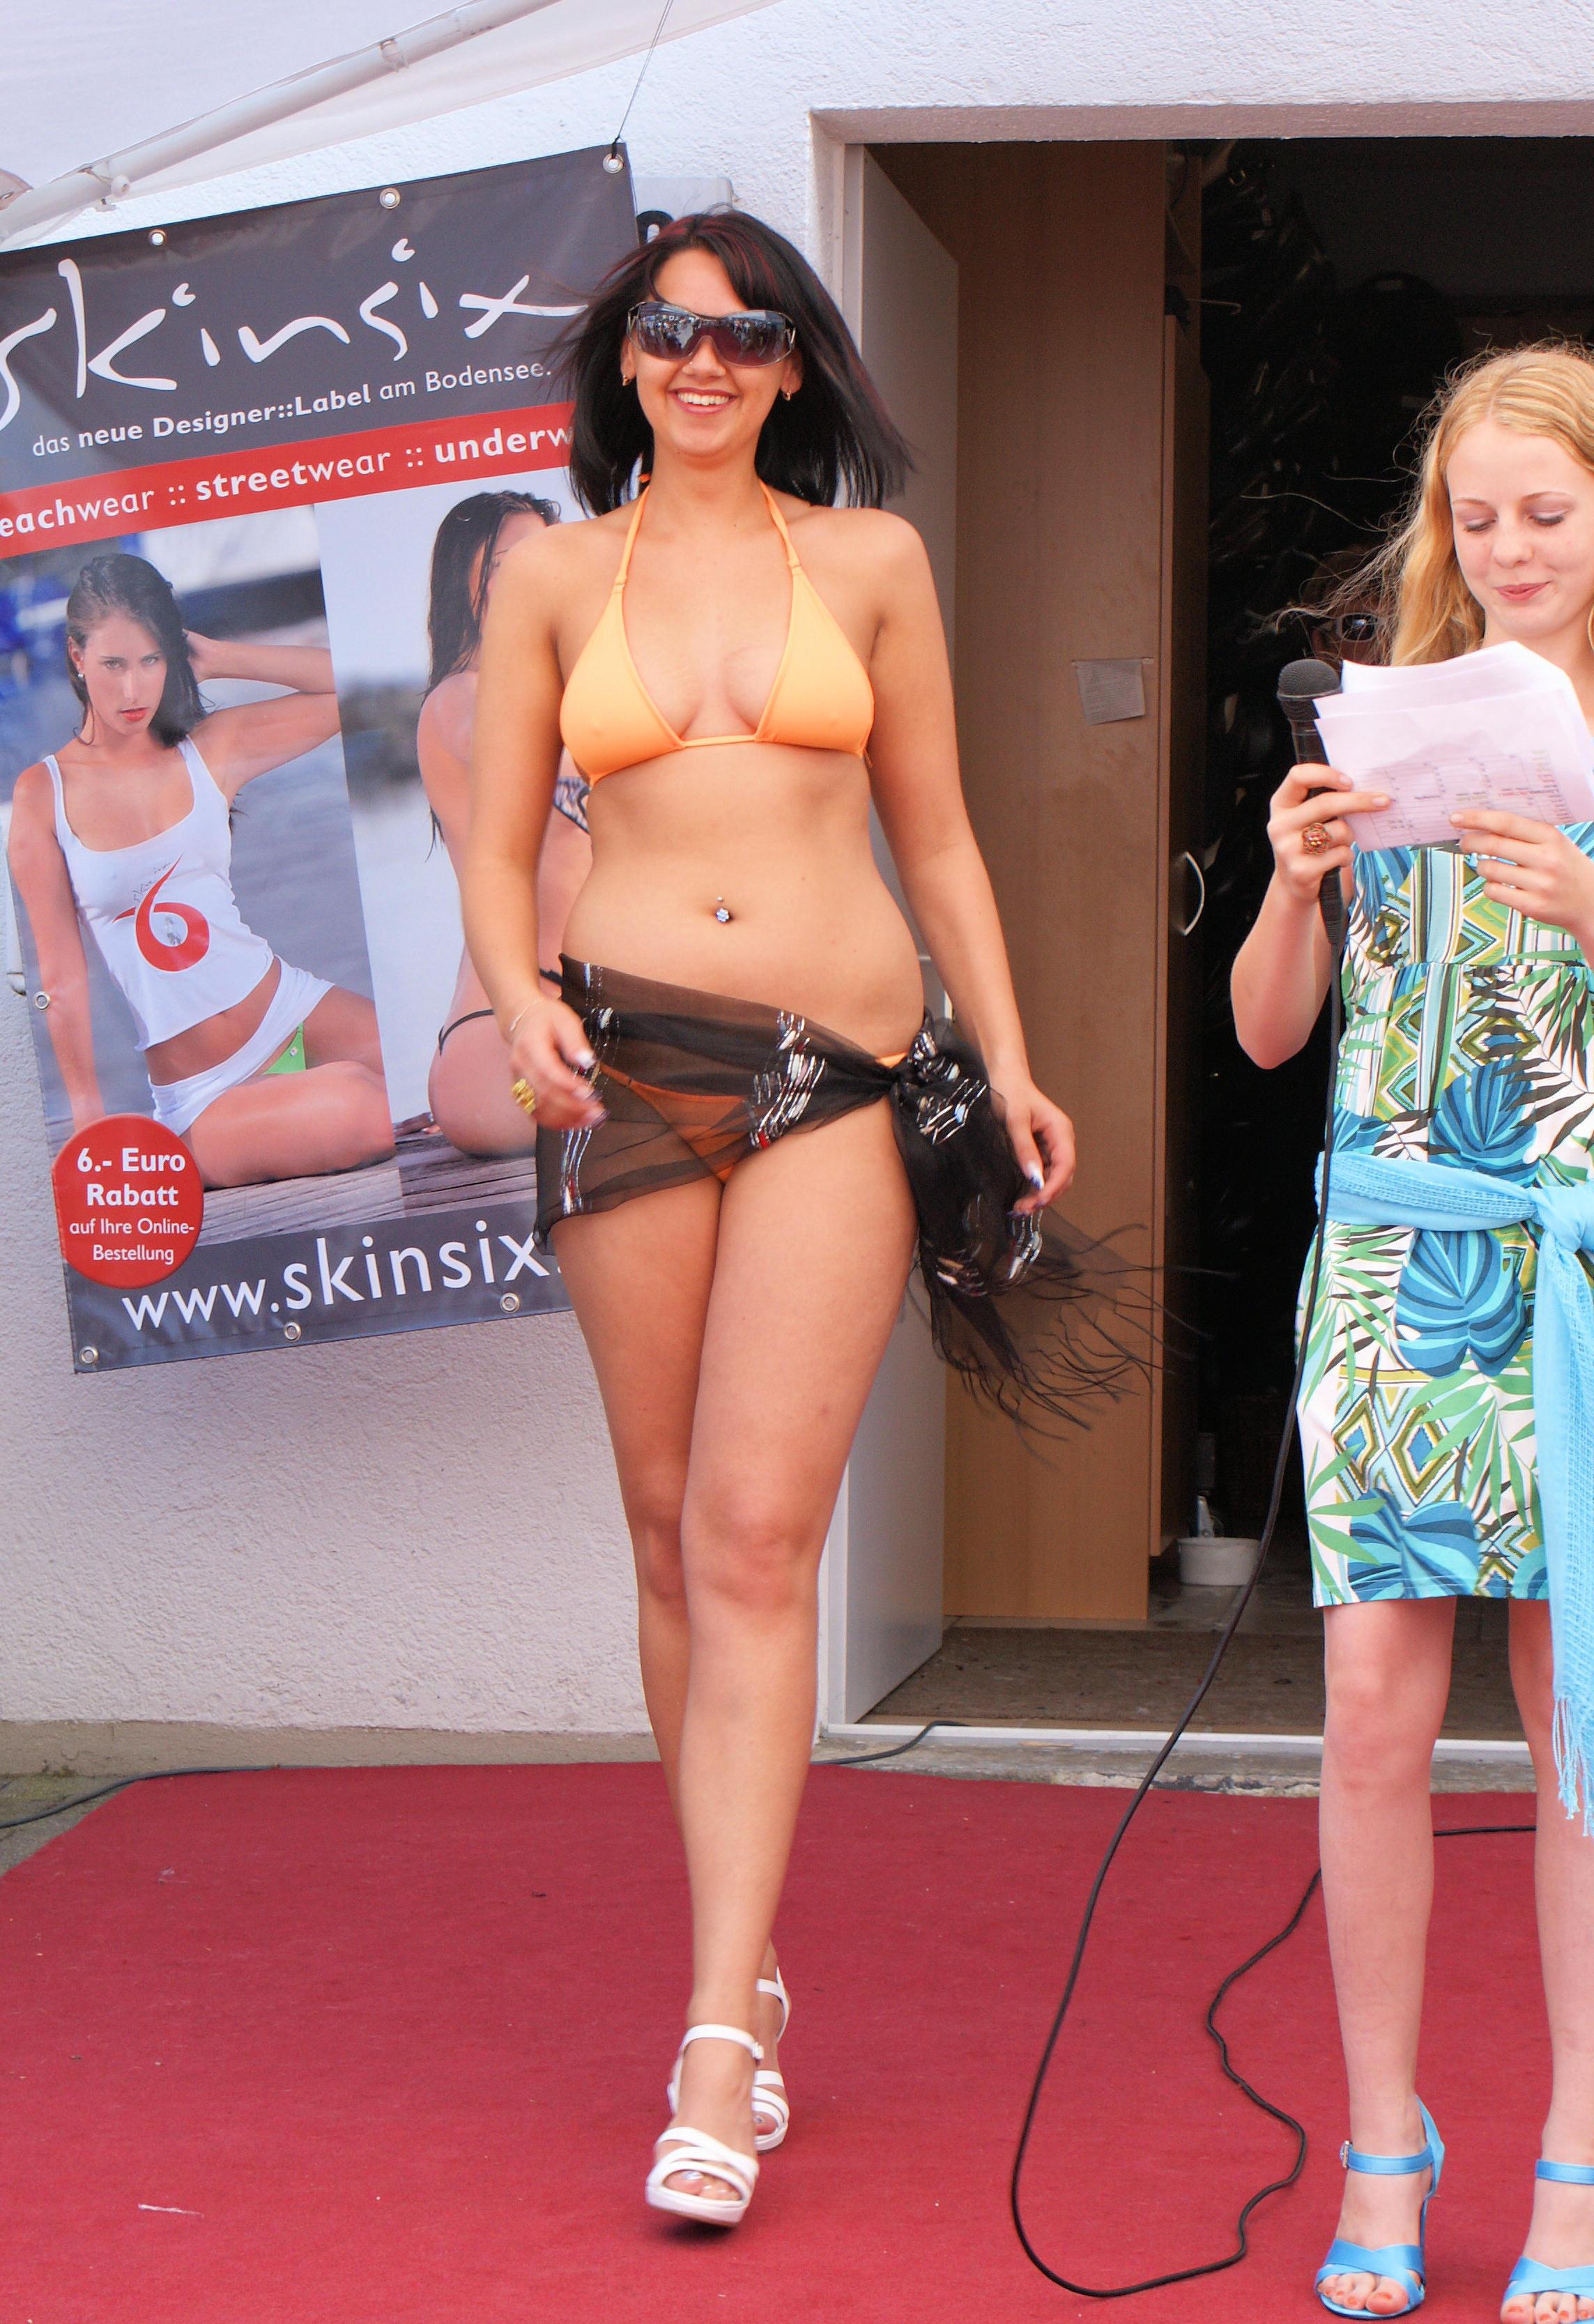 Daria im SKINSIX Bikini